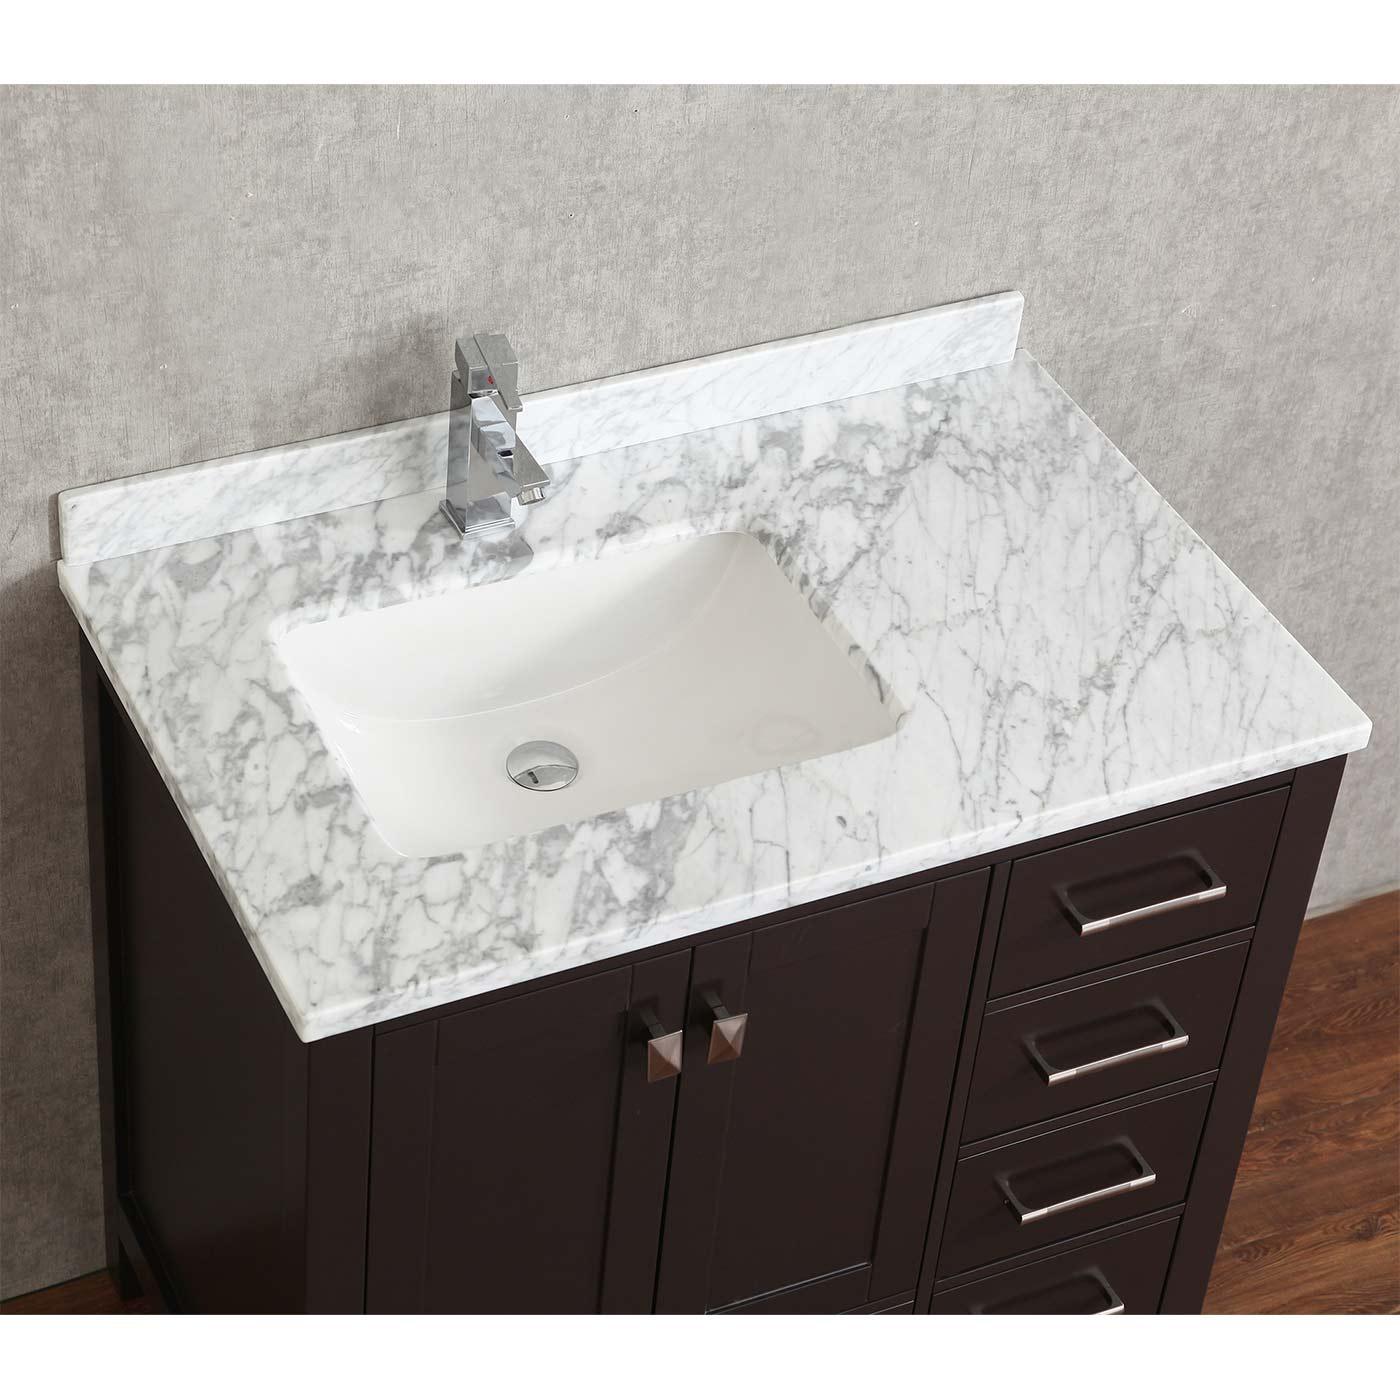 Buy Vincent 36 Inch Solid Wood Single Bathroom Vanity in Espresso HM